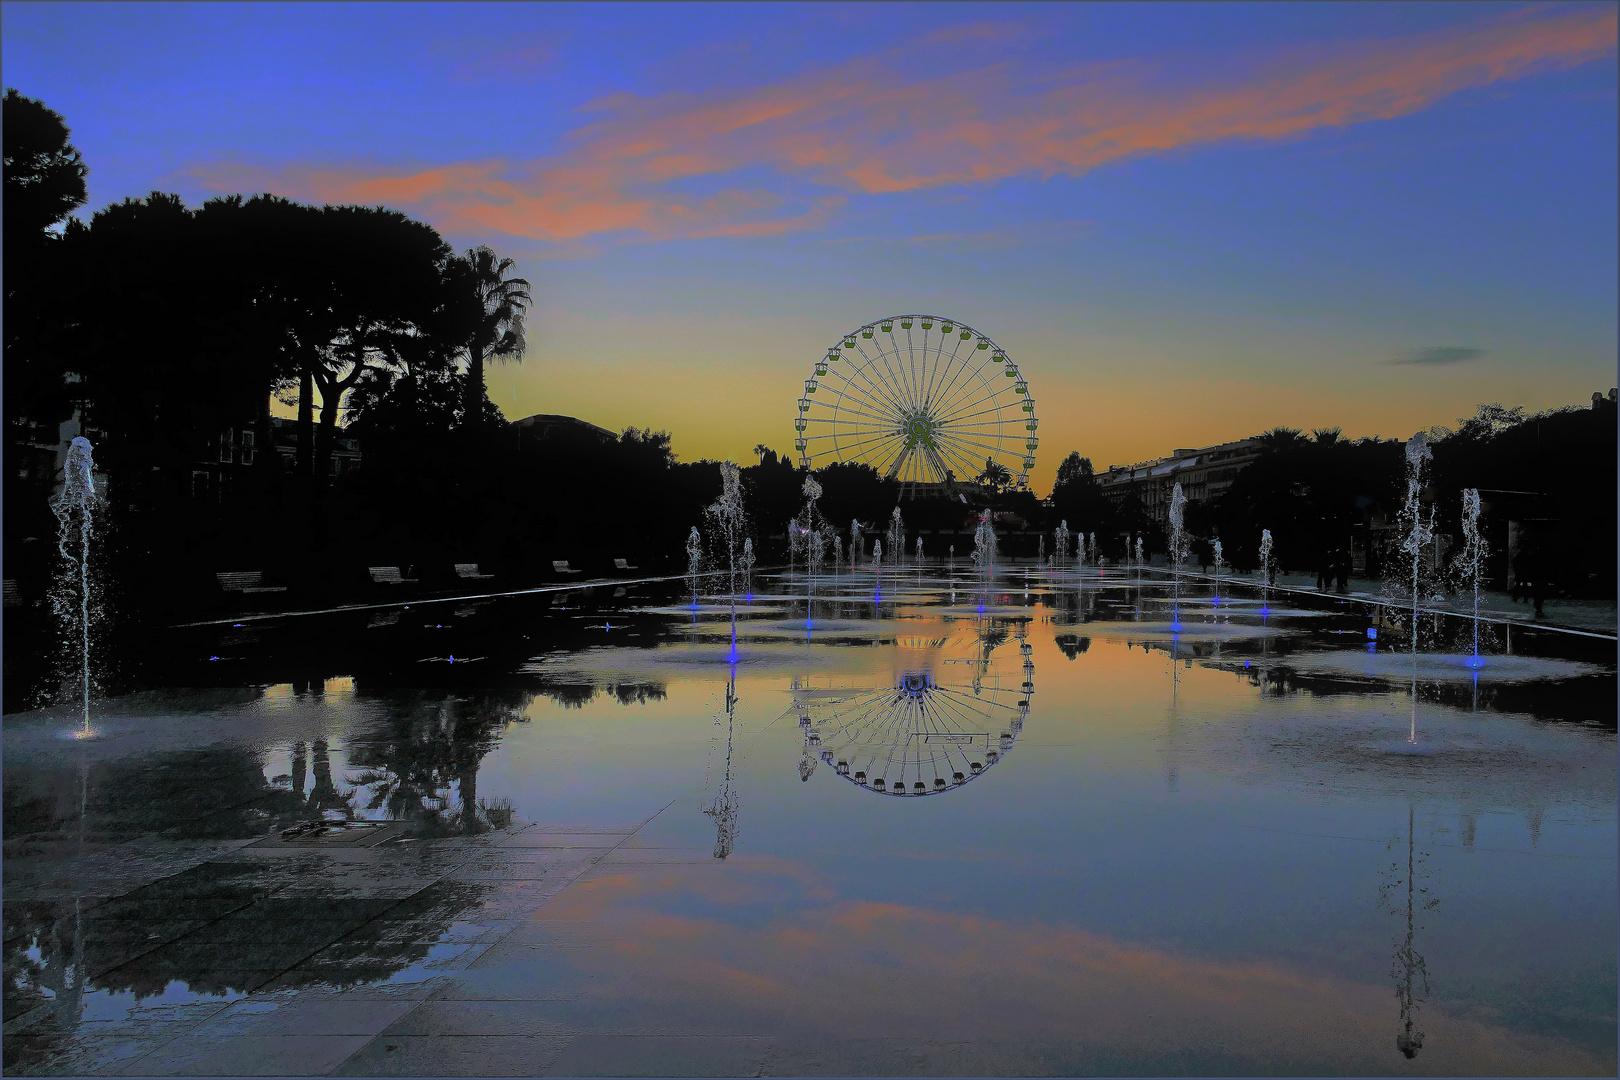 jolie soirée niçoise à l heure bleue naissante ....